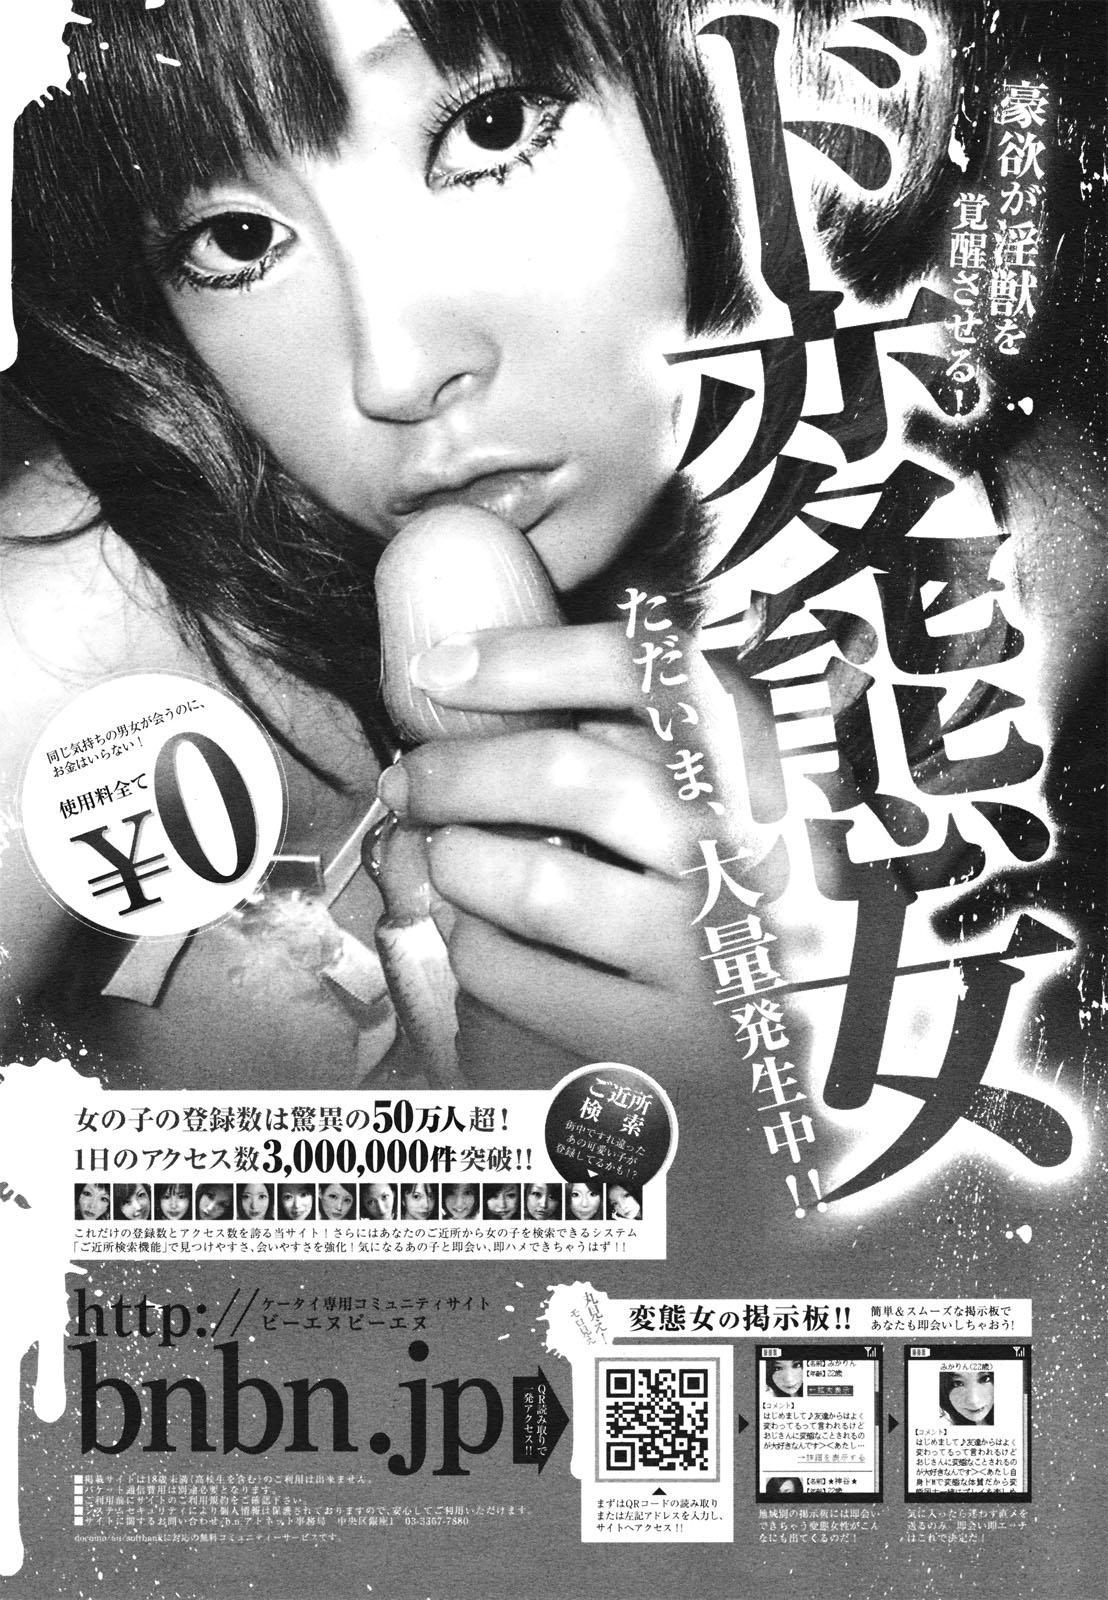 COMIC 0EX Vol. 28 2010-04 391